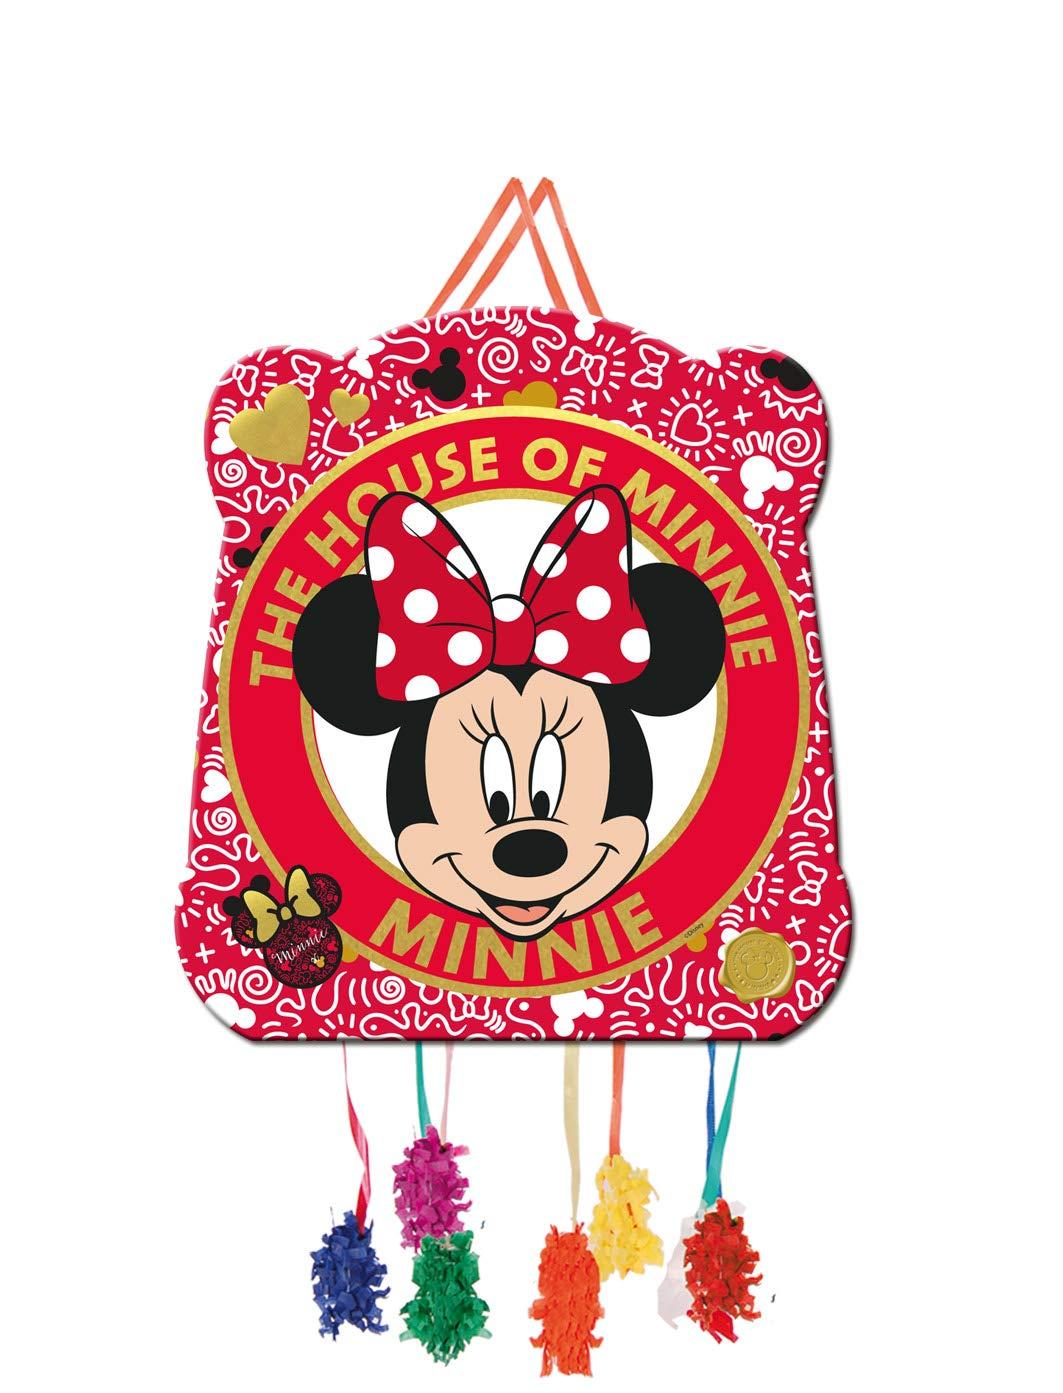 ALMACENESADAN 0821, Piñata Basic Disney Minnie Mouse, Multicolore, pour Les fêtes et Les Anniversaires. 28x33 cm.